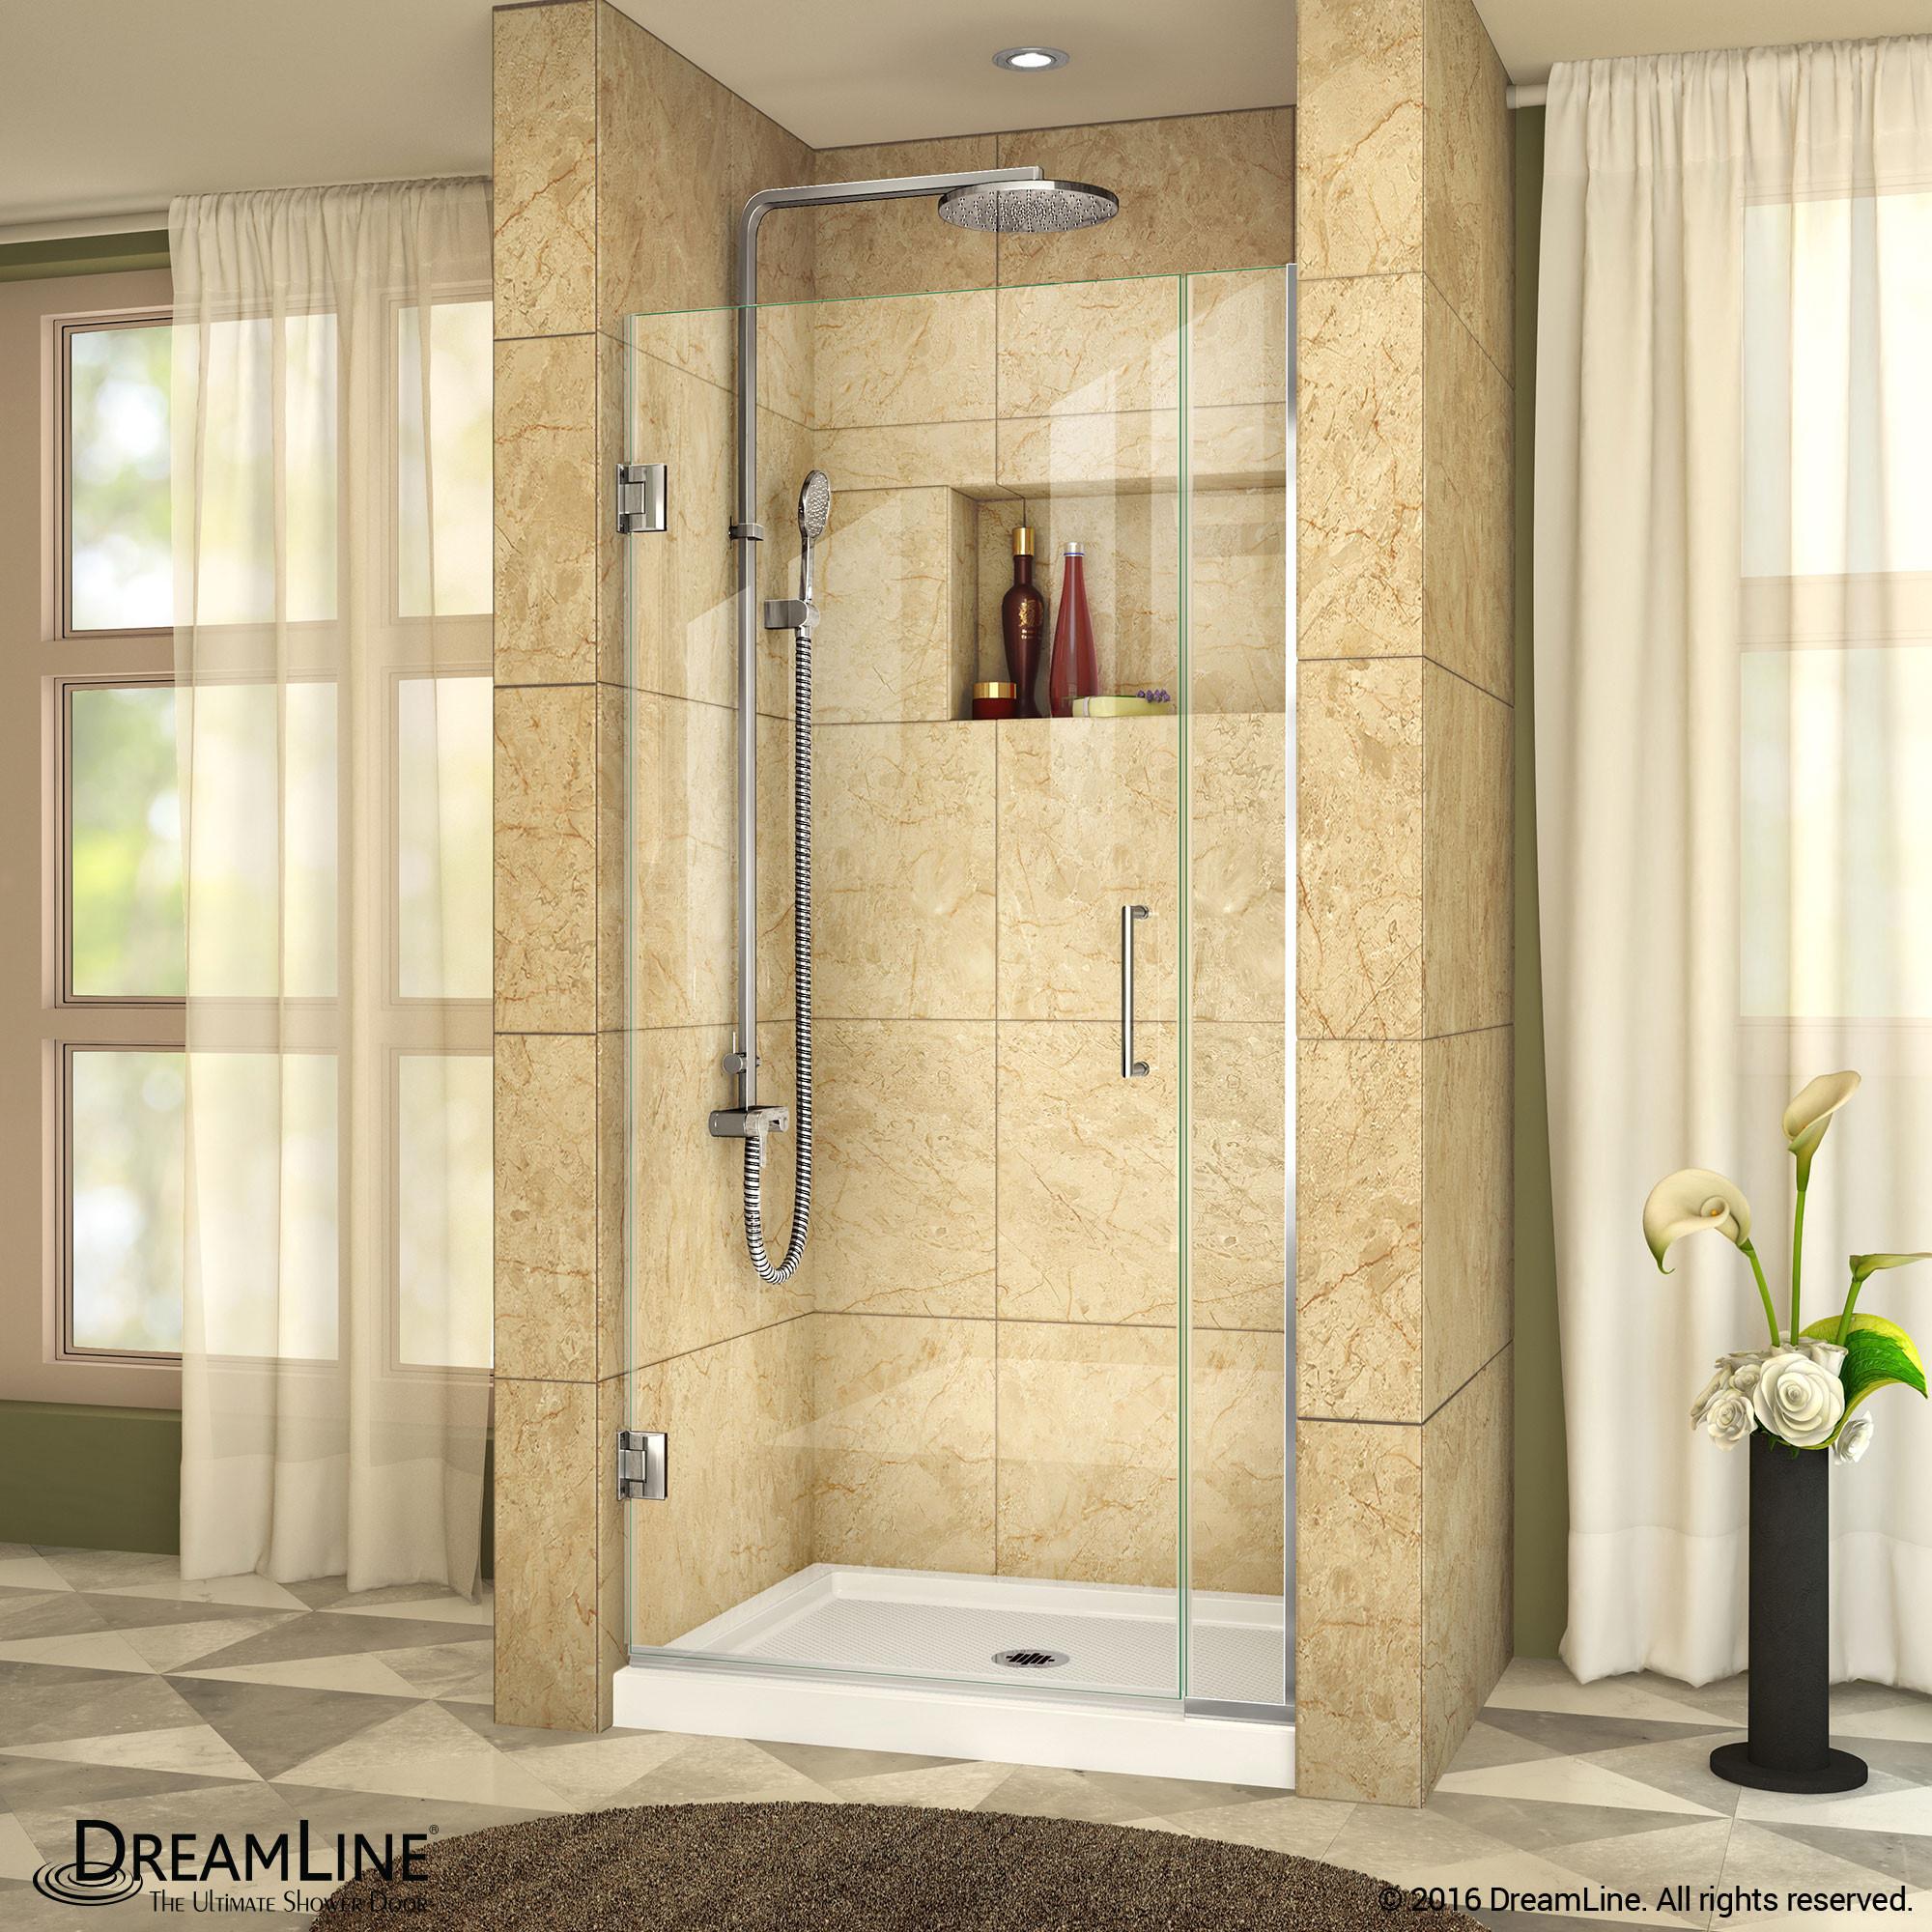 DreamLine SHDR-243207210-01 Unidoor Plus Hinged Shower Door In Chrome Hardware